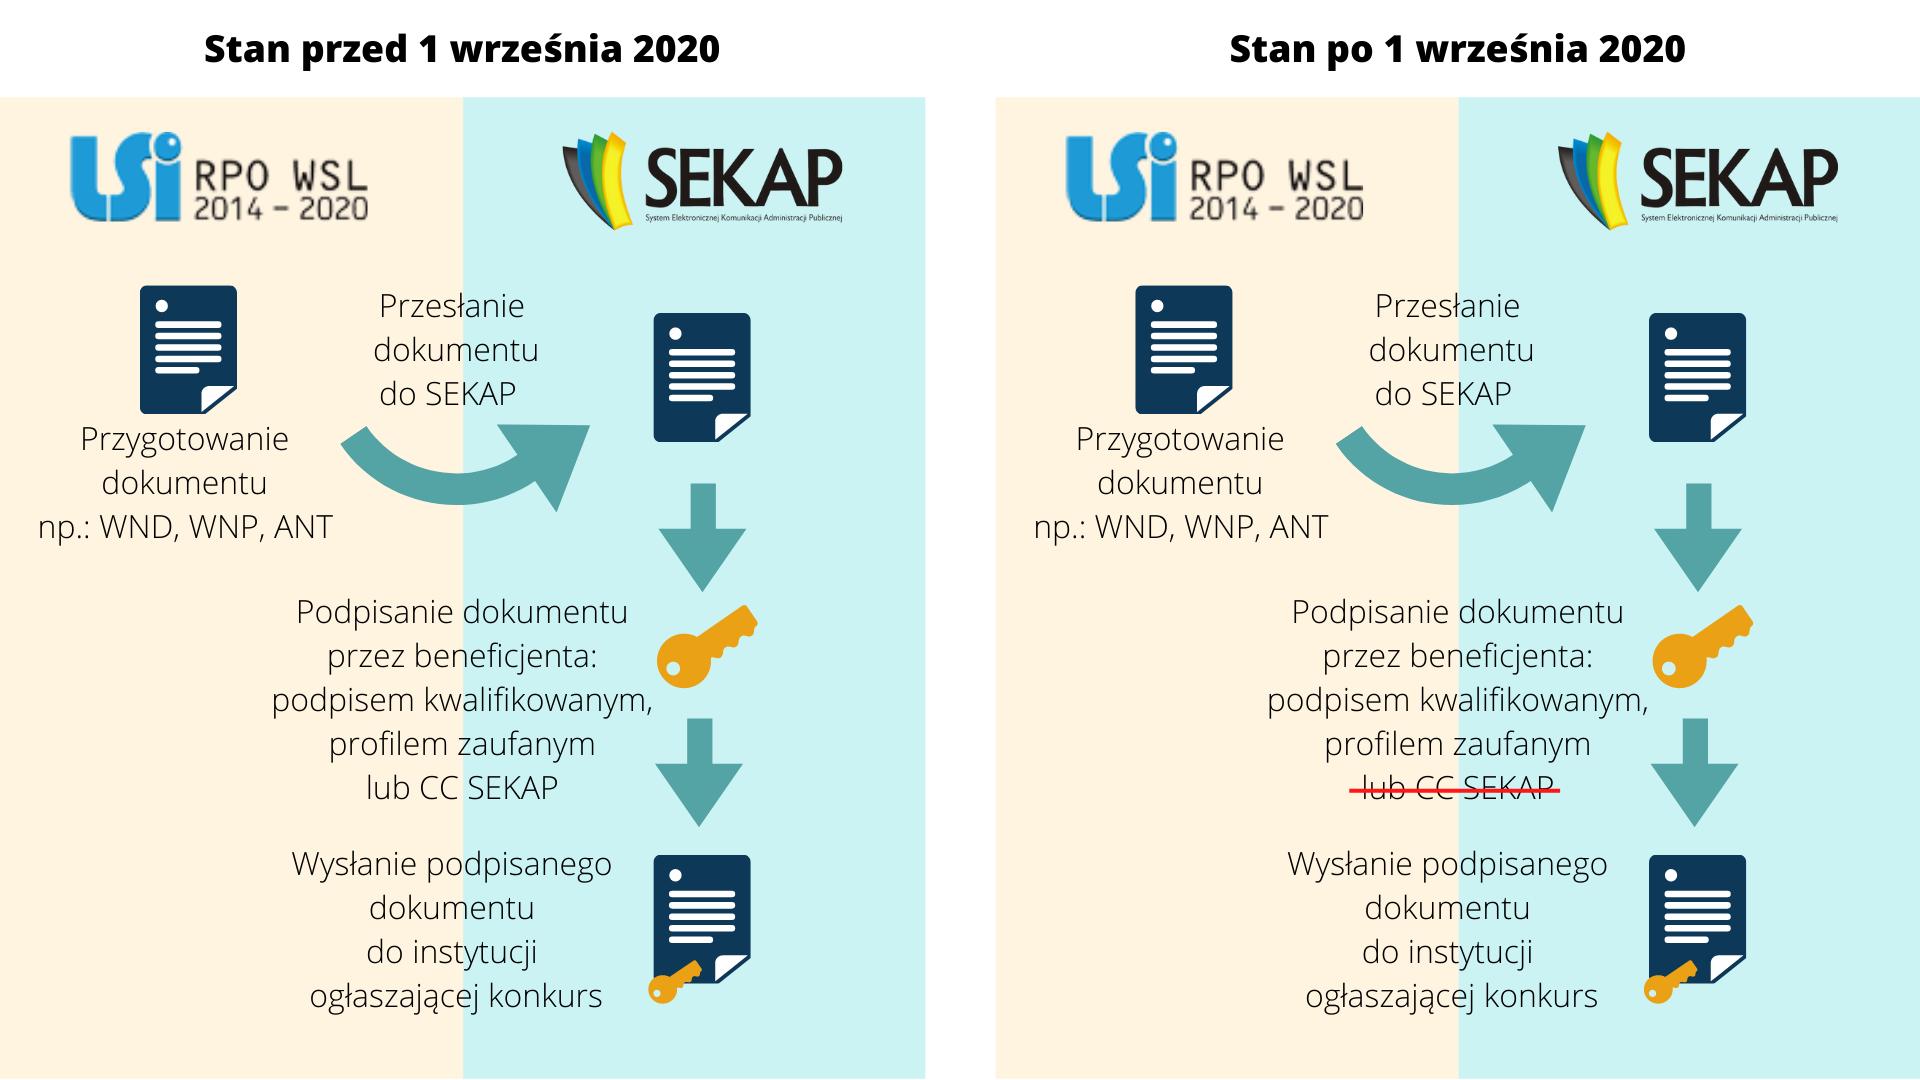 Infografika - porównanie zmian w składaniu dokumentów przez platformę SEKAP przed i po 1 września 2020 r.